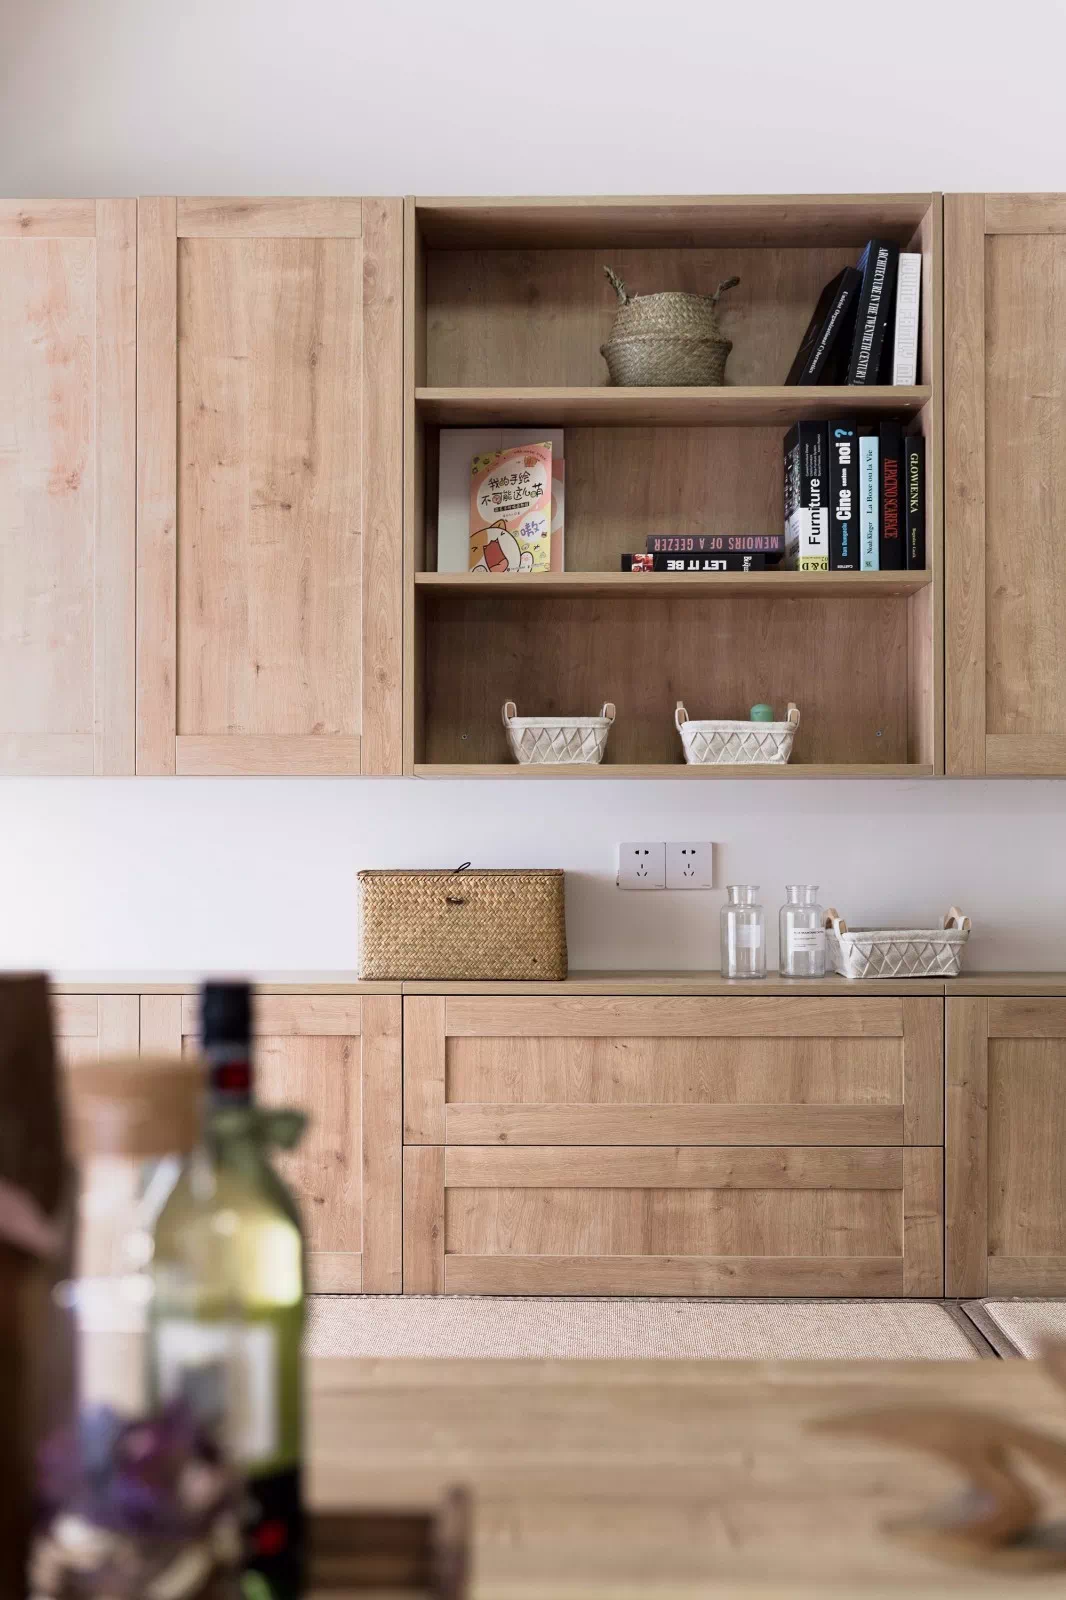 自然、舒适、简约、实用,把住宅做到了极致的日式风格 日式 软装 第11张